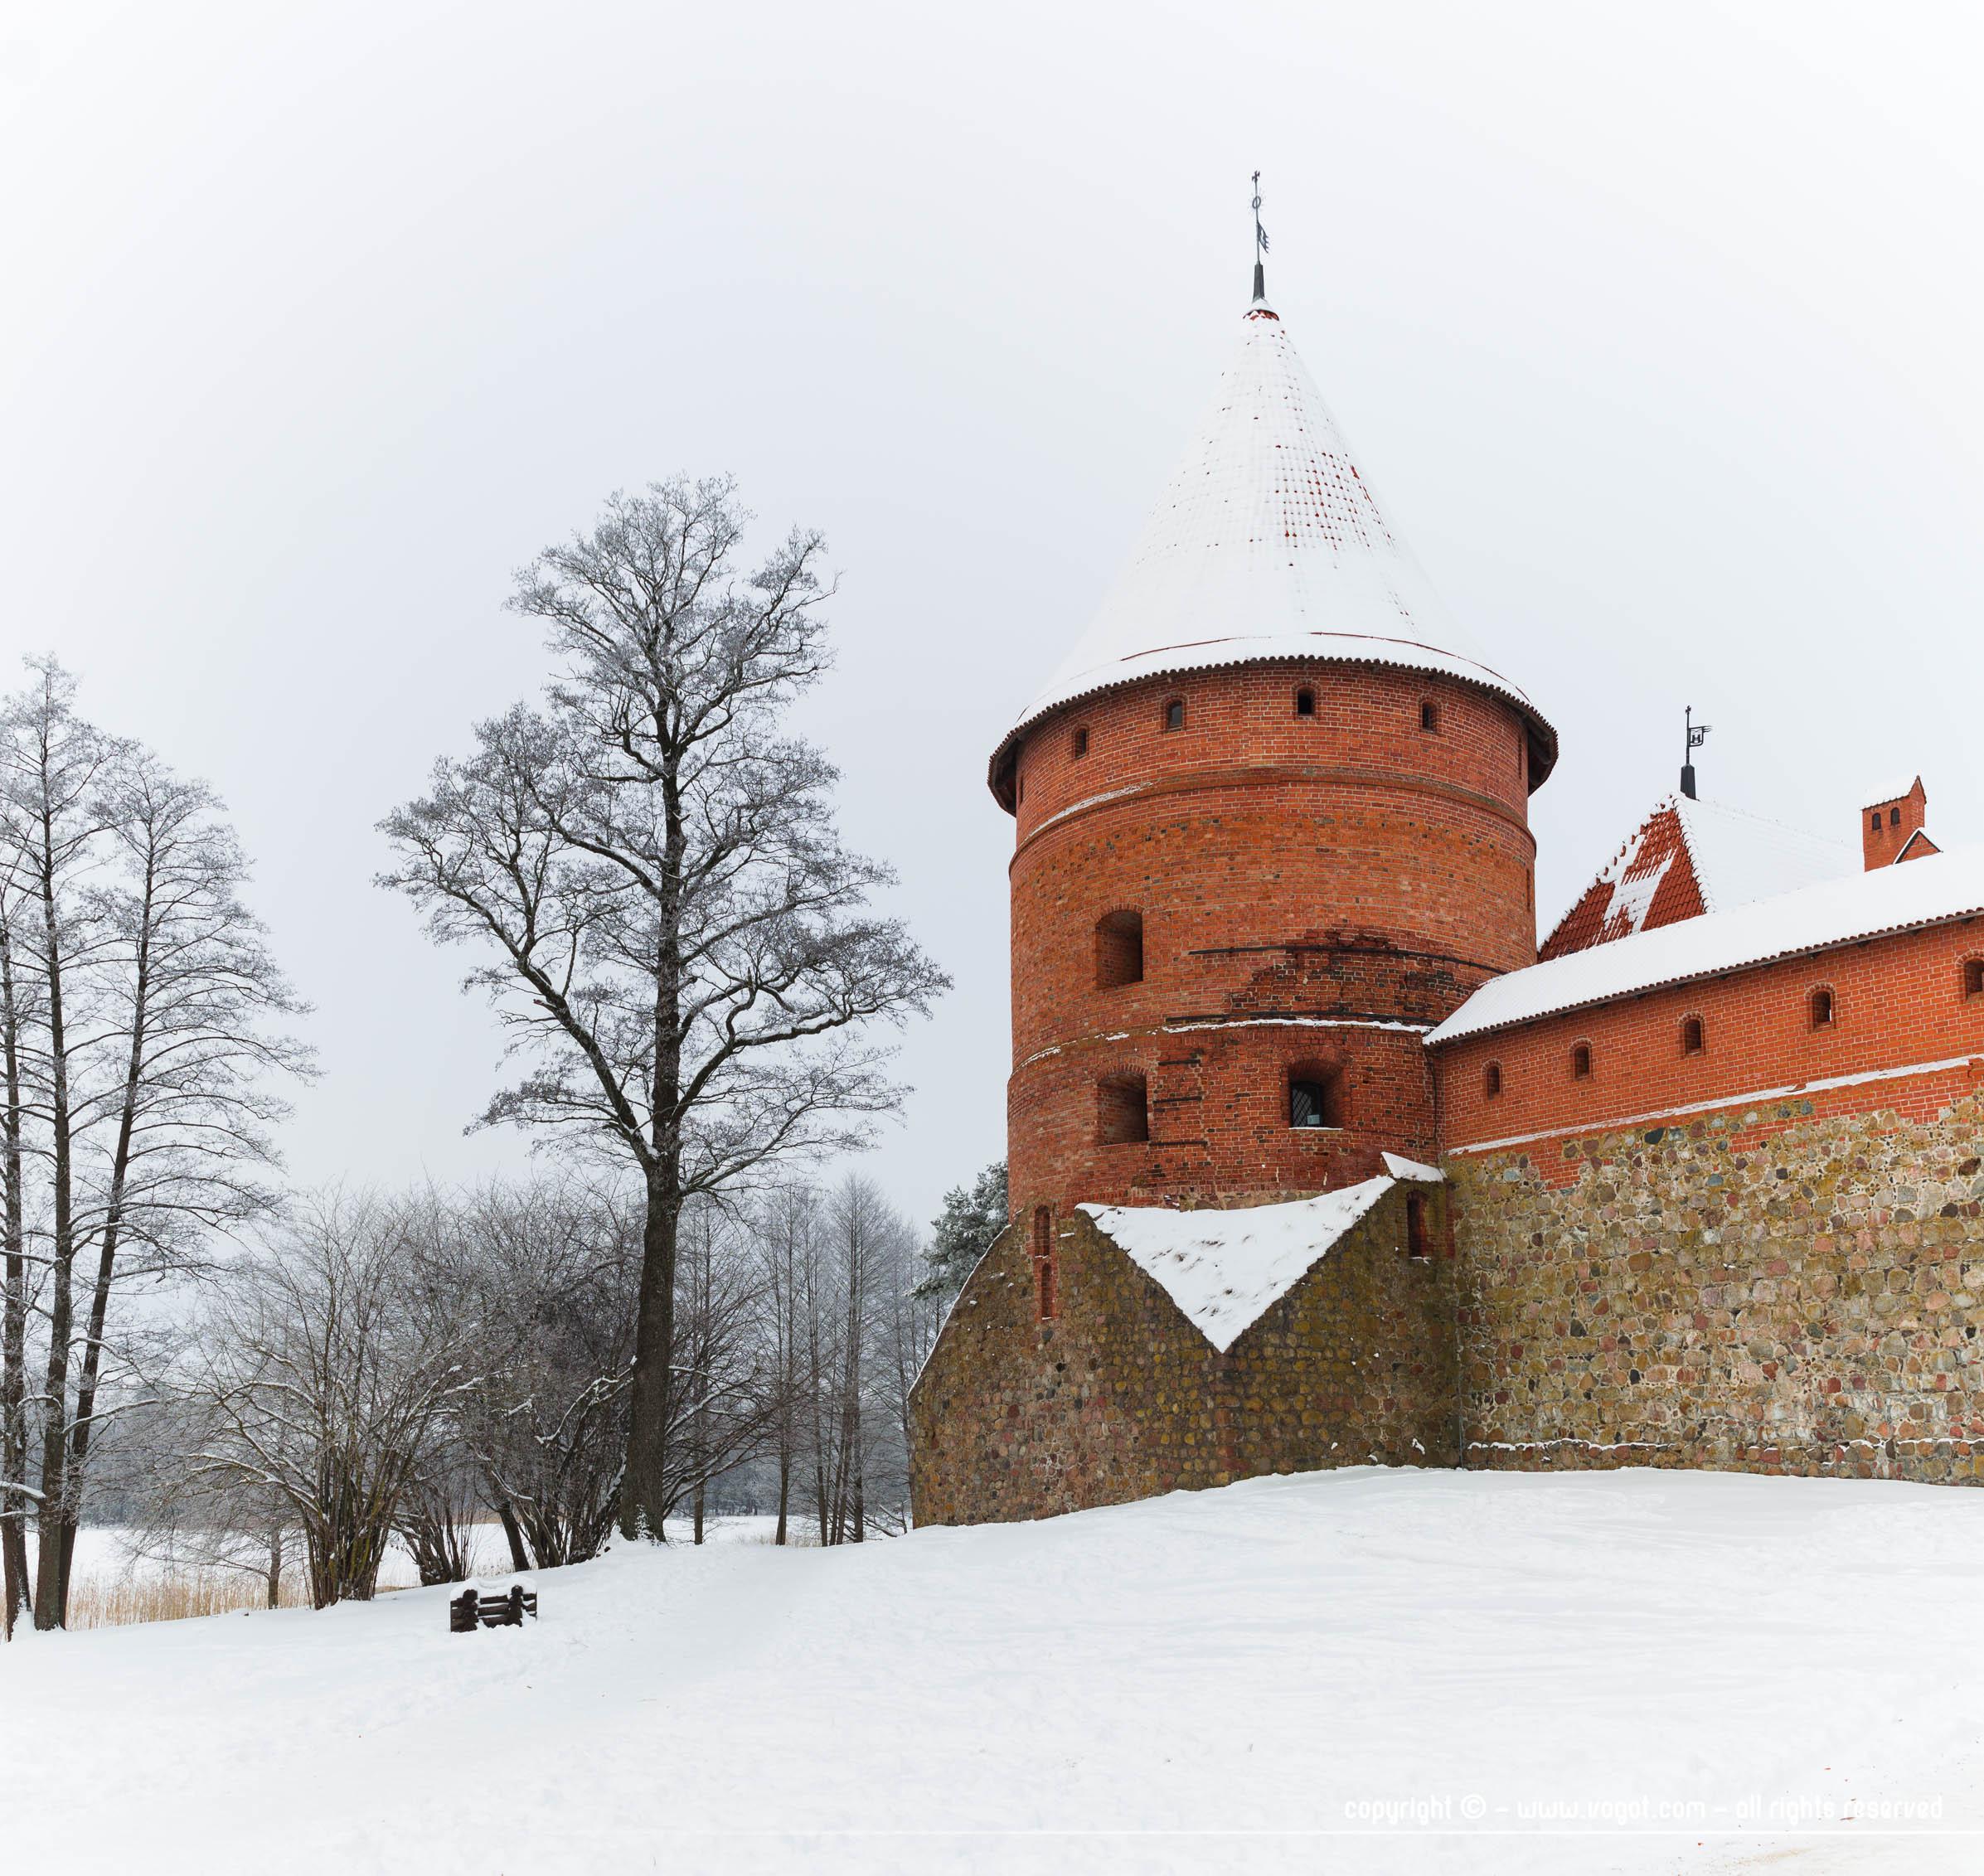 Le château de Trakai en hiver - brique rouge sur fond blanc